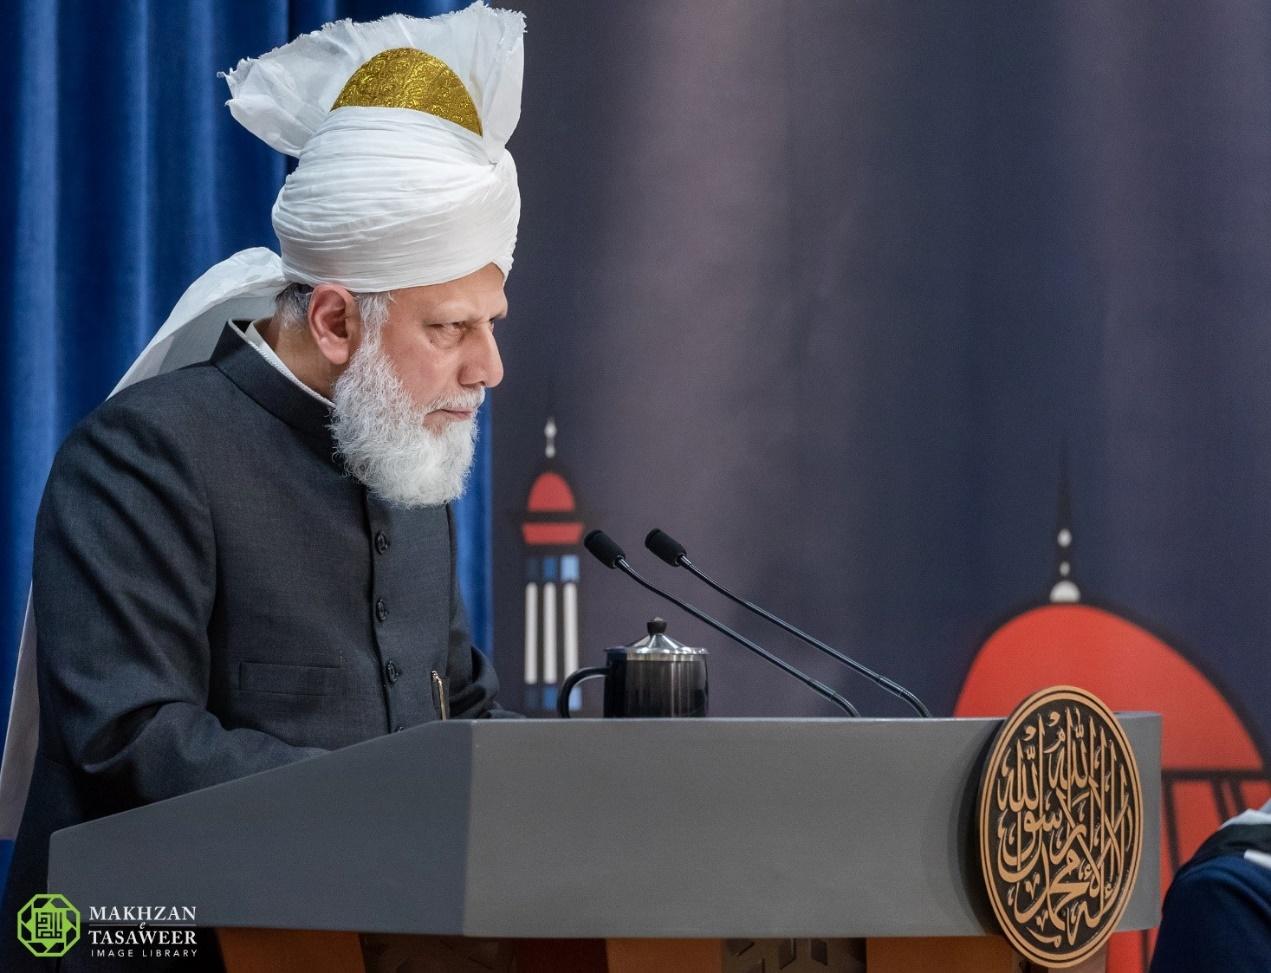 إمام الجماعة الإسلامية الأحمدية العالمية يخطب في المنتدى السنوي لقادة مجلس خدام الأحمدية